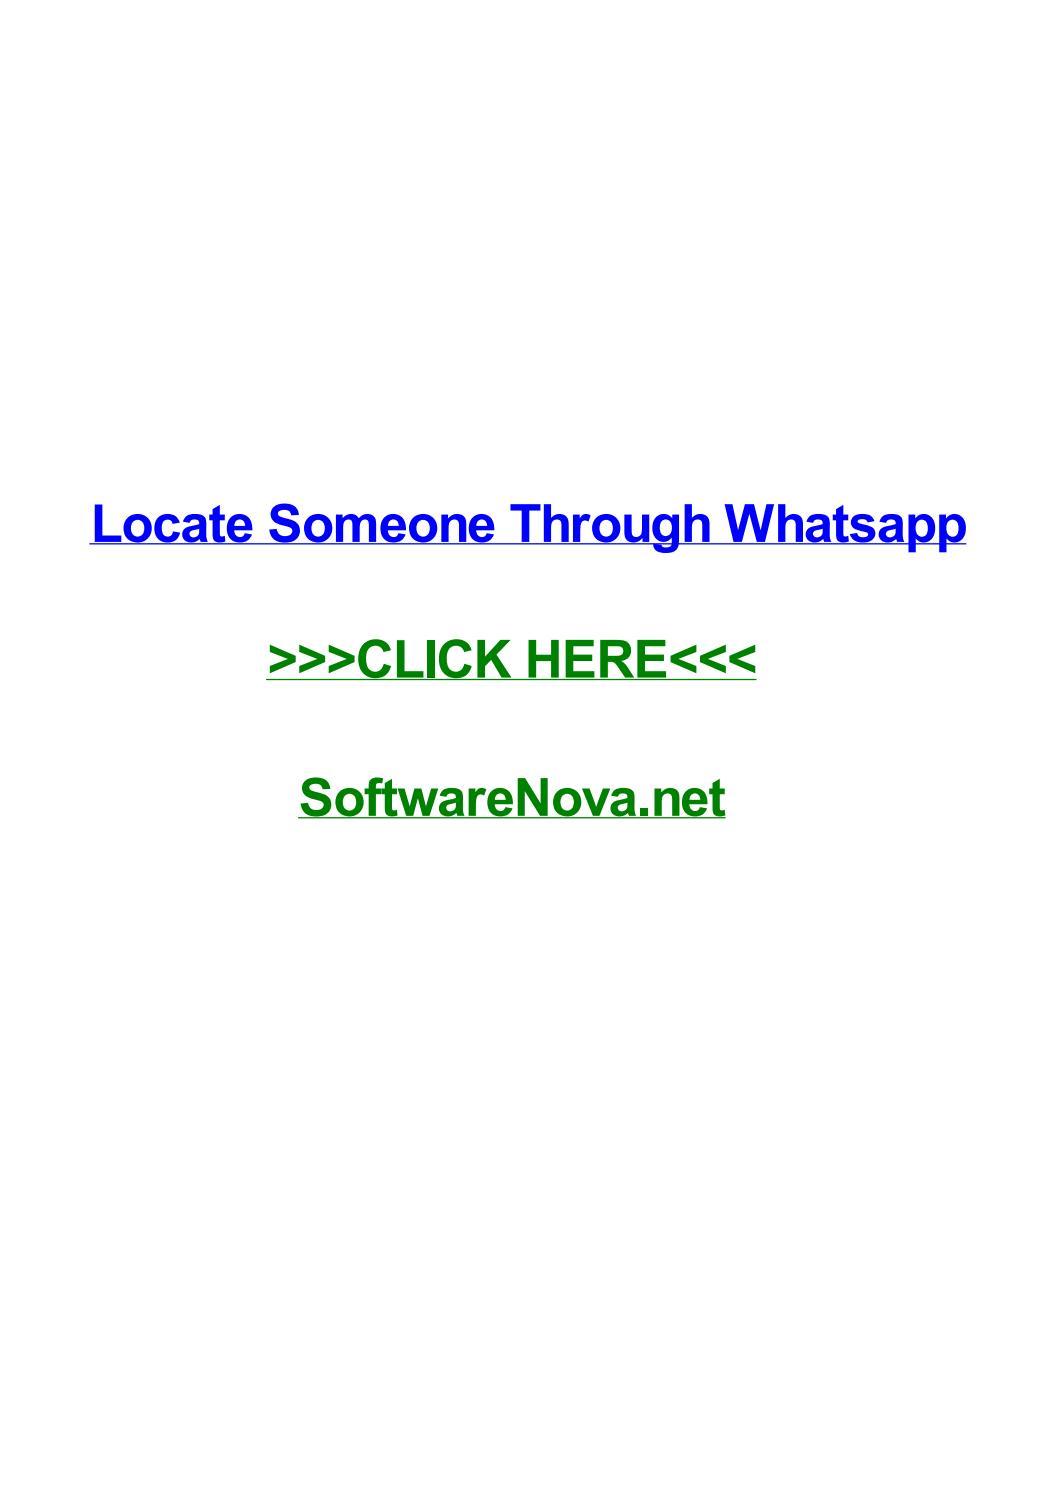 Locate someone through whatsapp by darwinlmvke - issuu